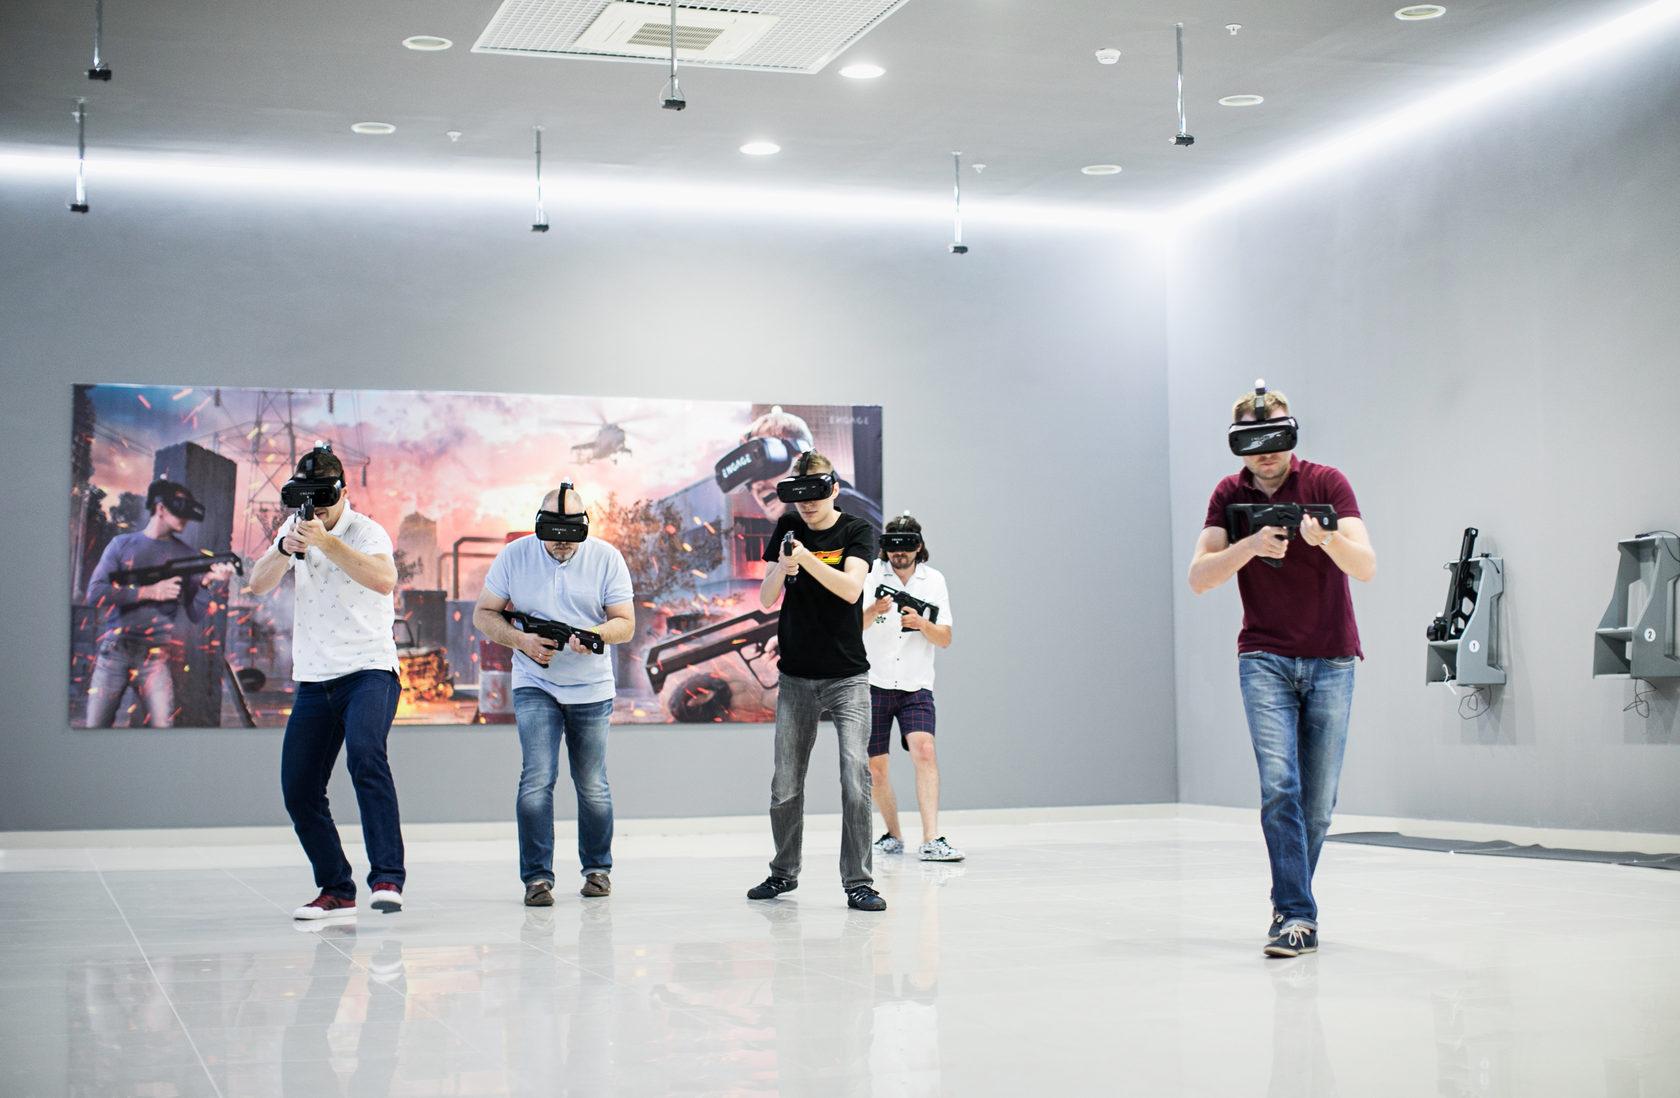 парки виртуальной реальности